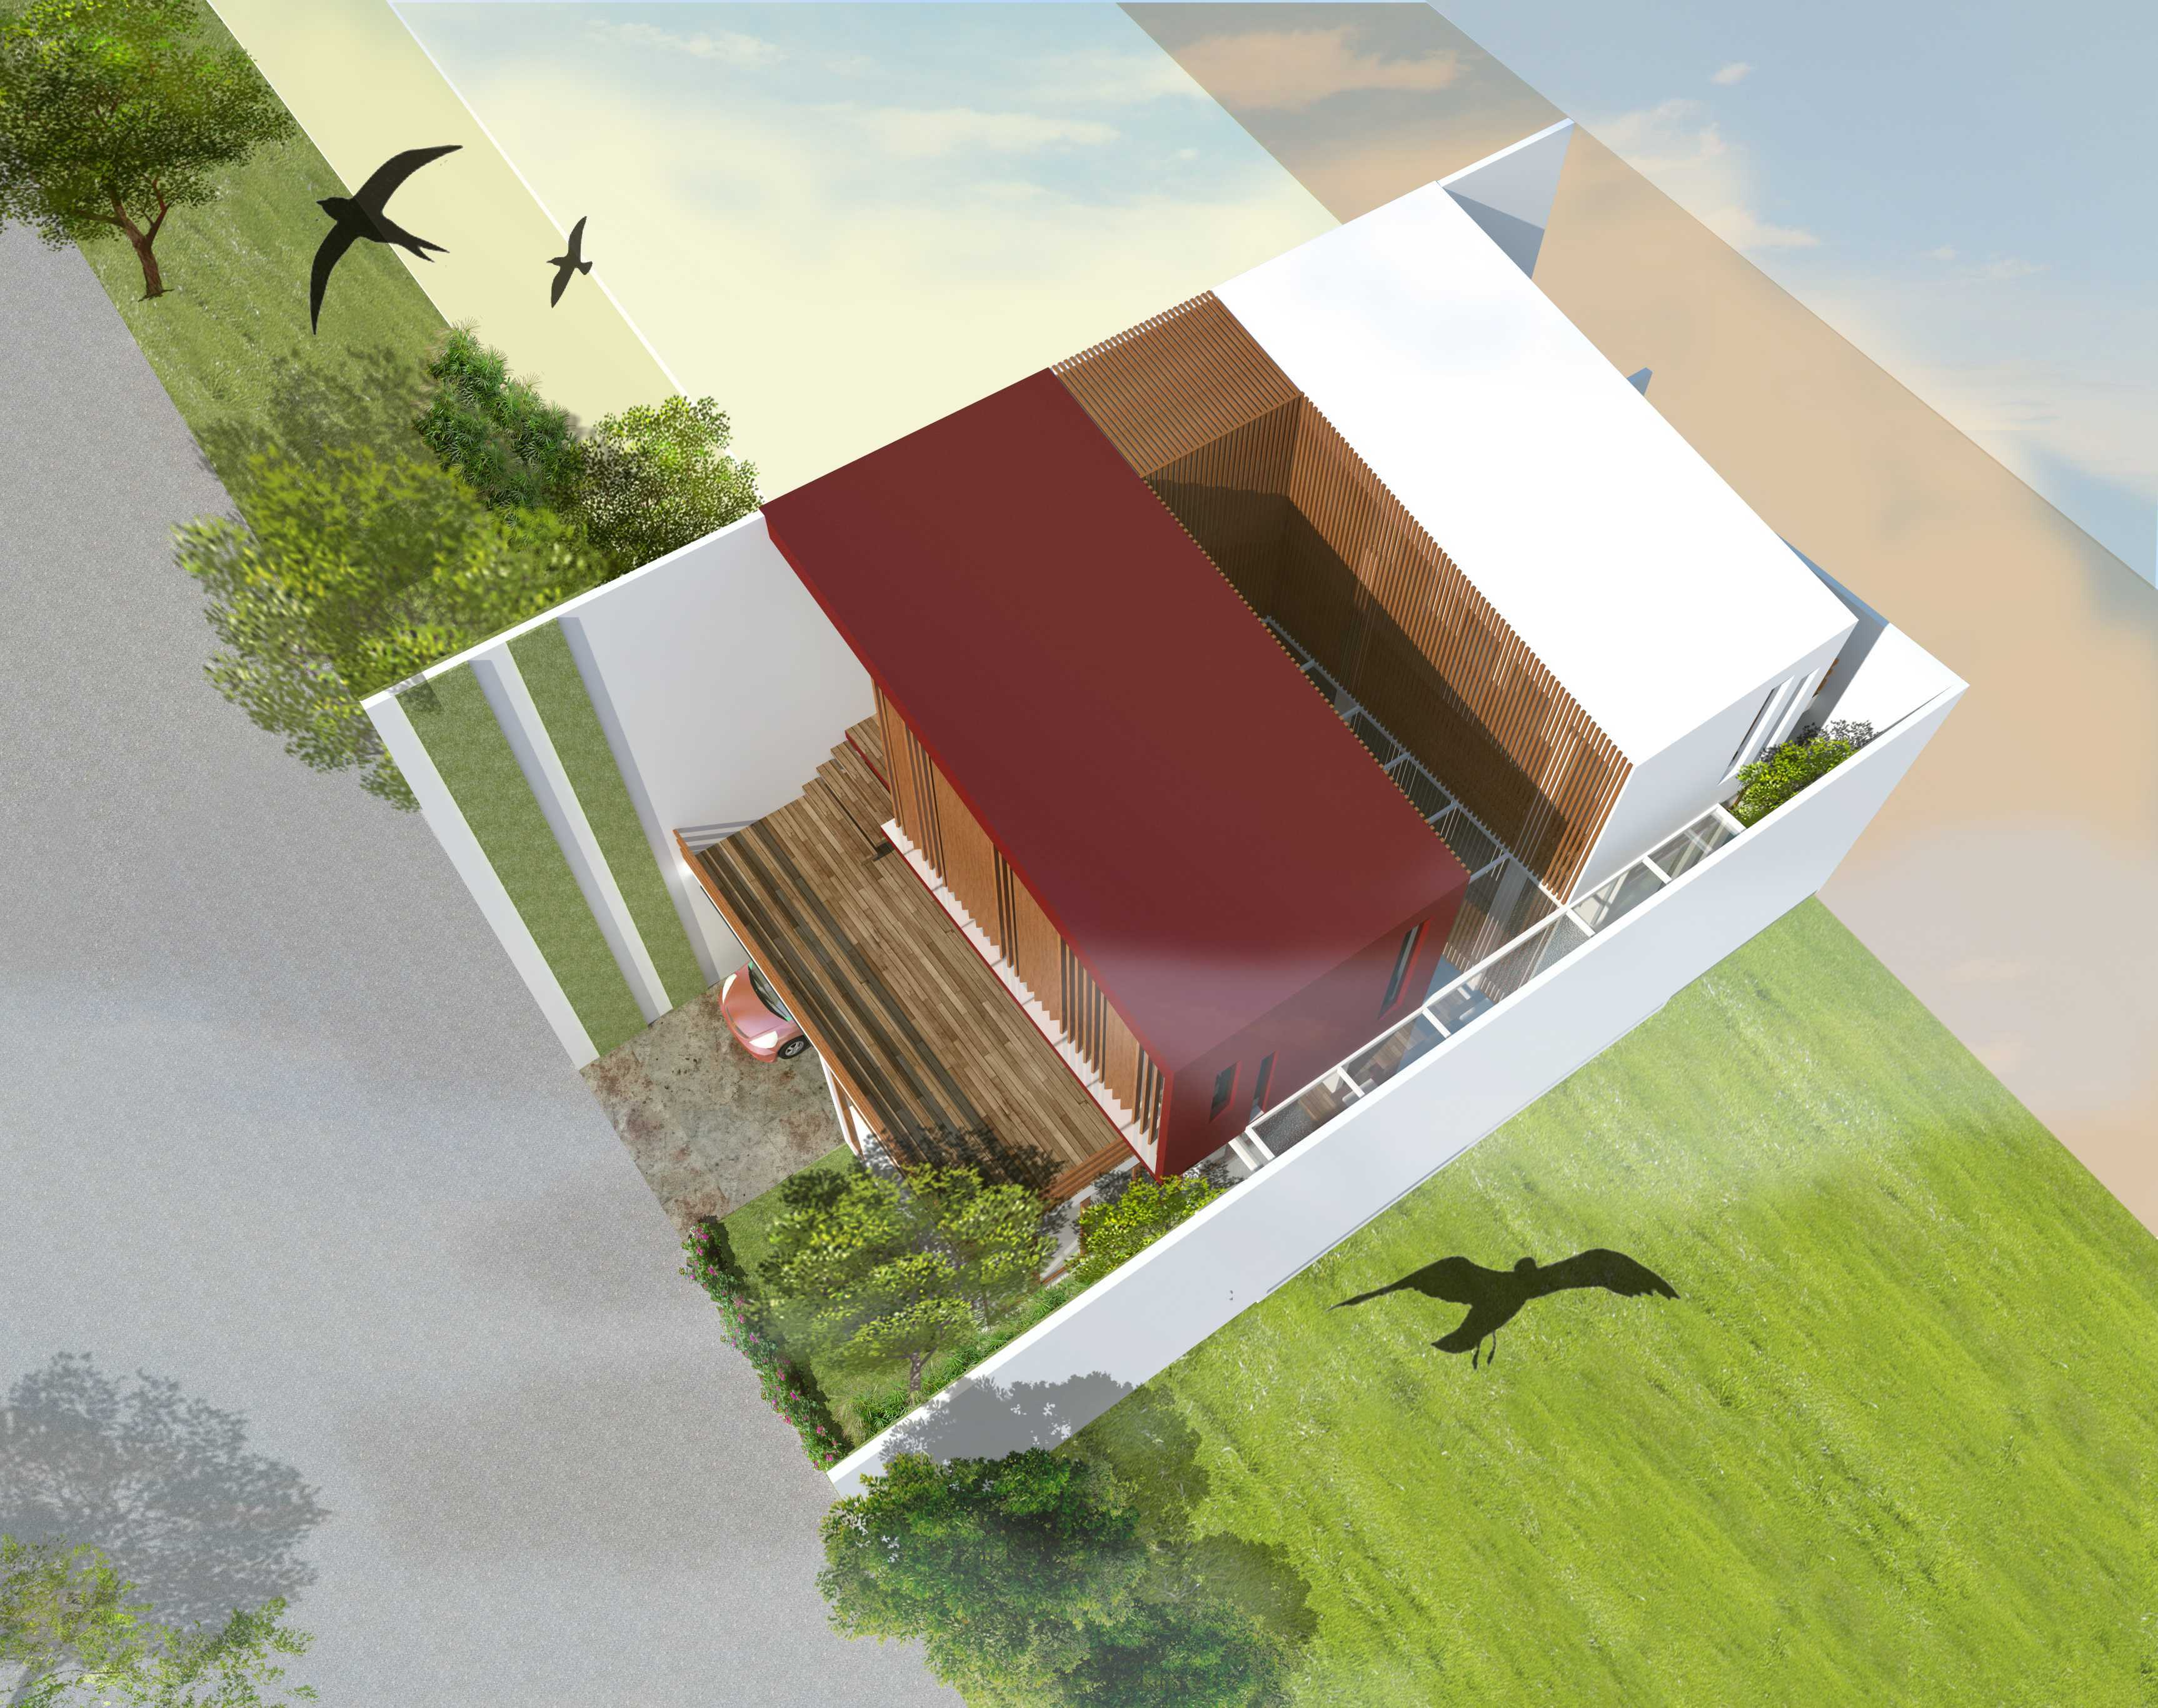 Hizkia Firsto Giovanni Inside Out Denpasar Denpasar Birdeye-Edit Tropis,minimalis,modern,wood Bagian-Bagian Rumah Dihubungkan Oleh Ruang-Ruang Terbuka 21439